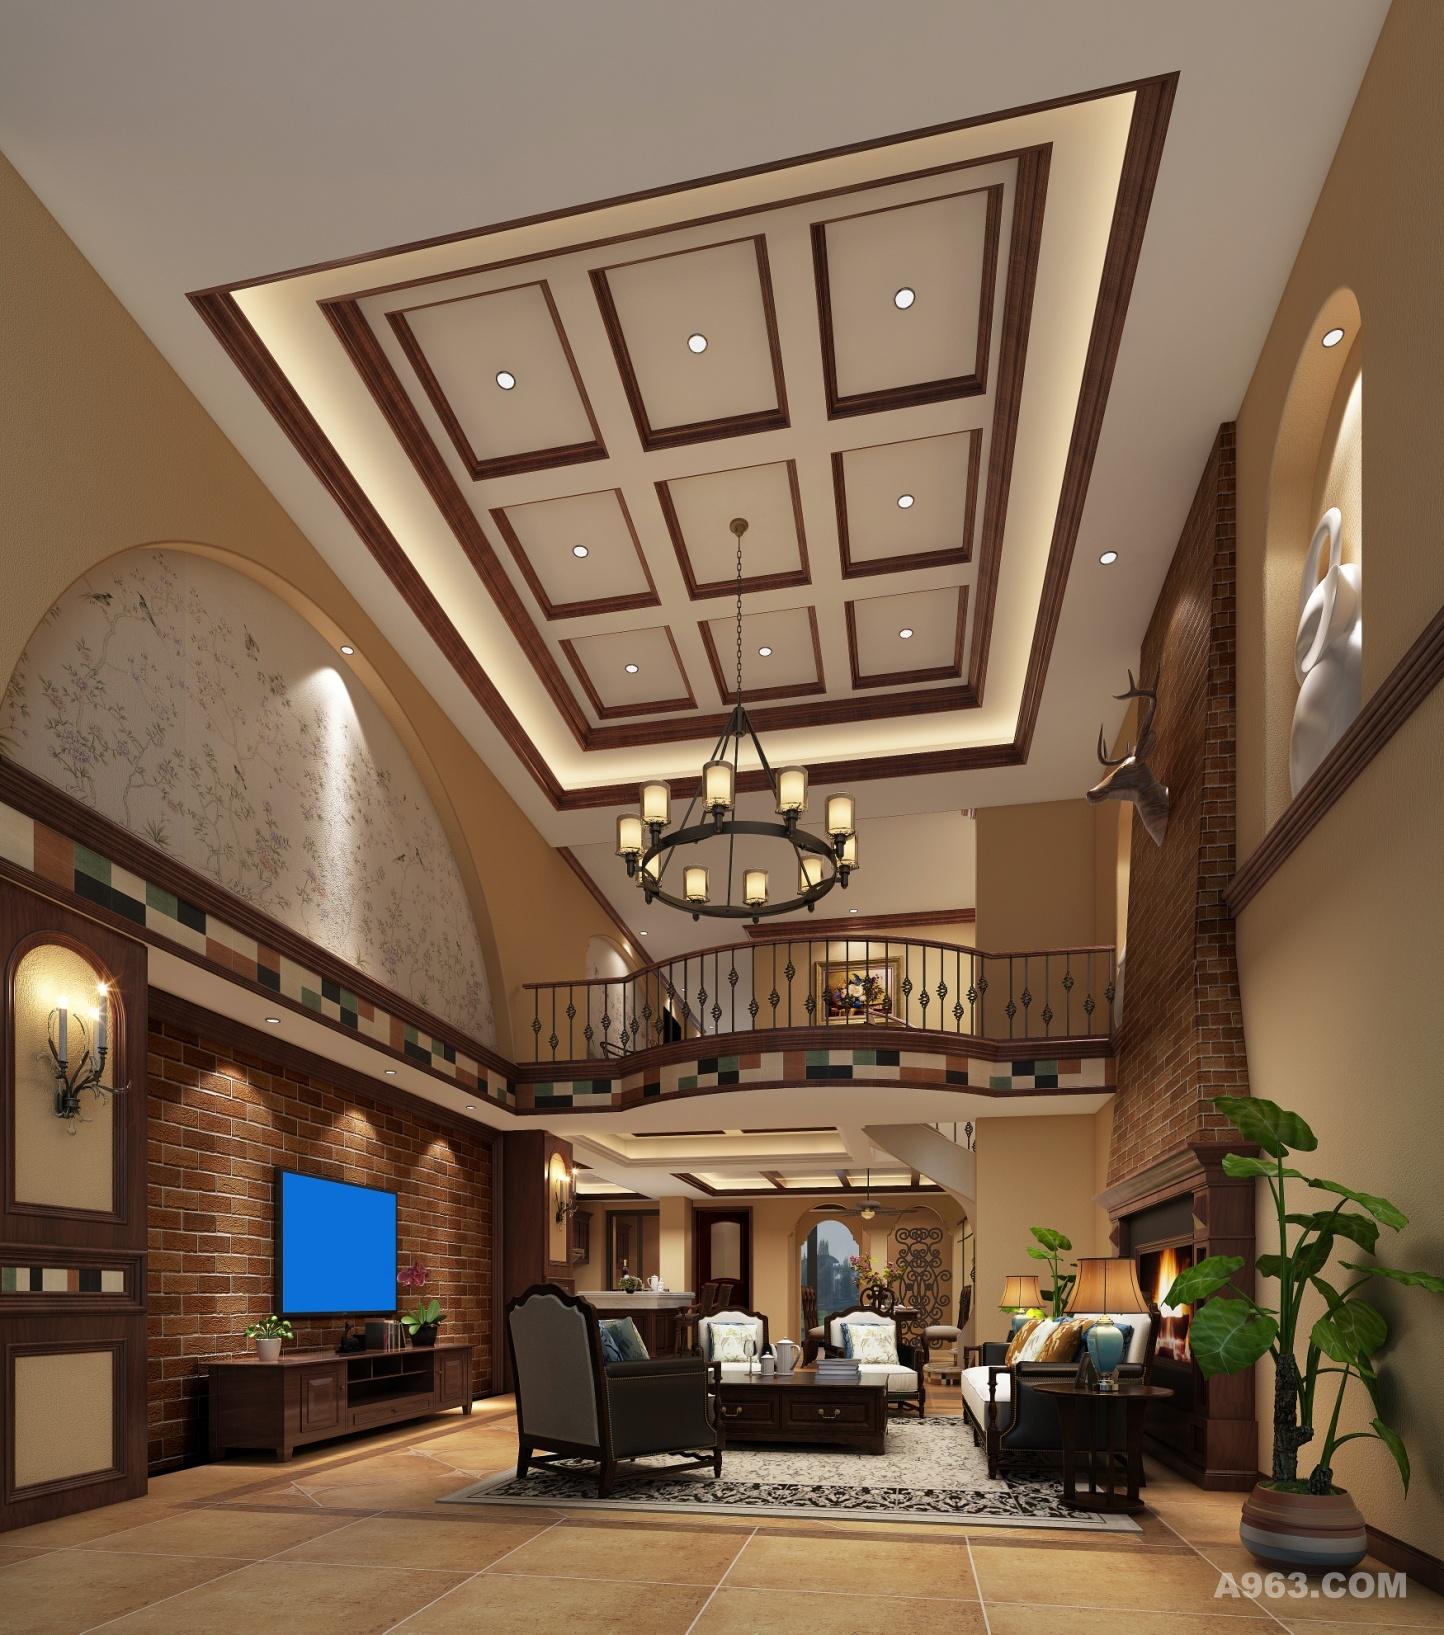 客人能在客厅得到关于一个家的第一印象,美式风格由于美国崇尚自由,随意不羁的生活根源,成就了不一样的休闲浪漫。对细节的精致追求,又让美式客厅散发温馨的家庭气氛。 布艺,实木,铁艺,复古砖。。。这些元素在客厅里都能看得到,大物件如沙发,茶几,小物件如烛台,都展露出轻美式的格调。电视背景和沙发背景呼应,用了红砖,营造轻松,休闲的氛围。